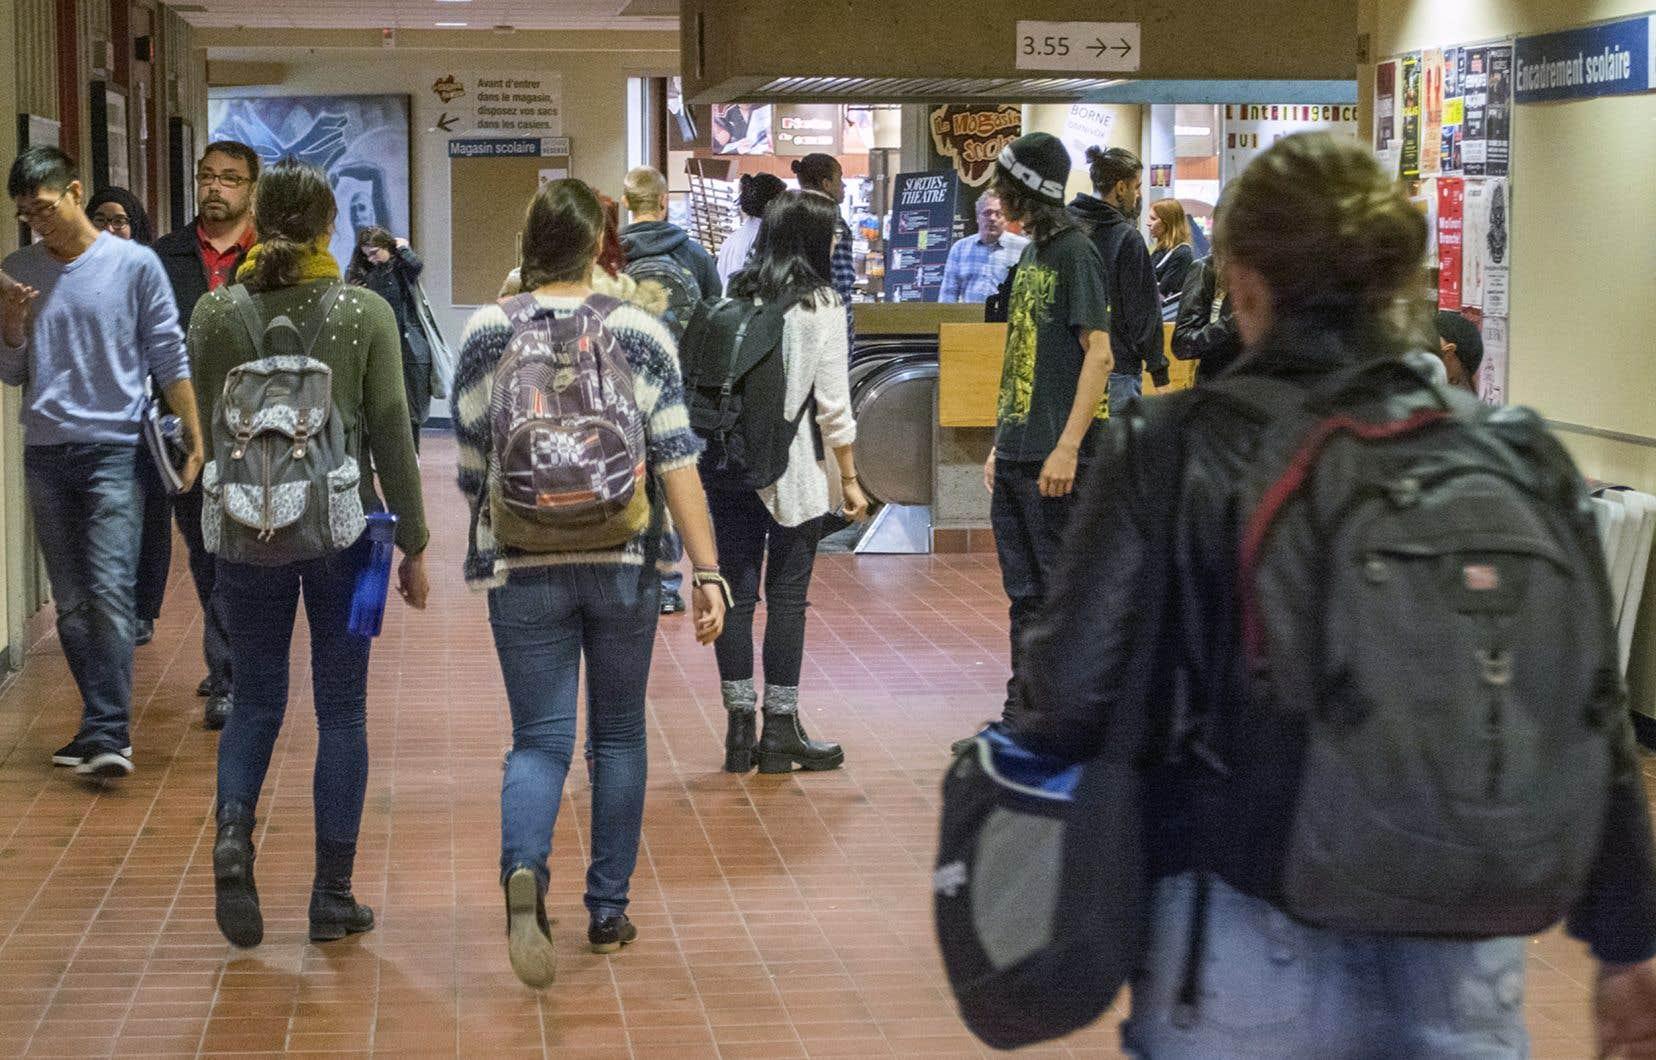 La grève survenue au printemps 2015 aurait entre autres contribué à une «scission» entre différentes visions du mouvement étudiant, a-t-on souligné lors de la rencontre, ajoutant qu'il y avait eu plusieurs critiques sur un manque de transparence et de confiance envers les personnes élues.